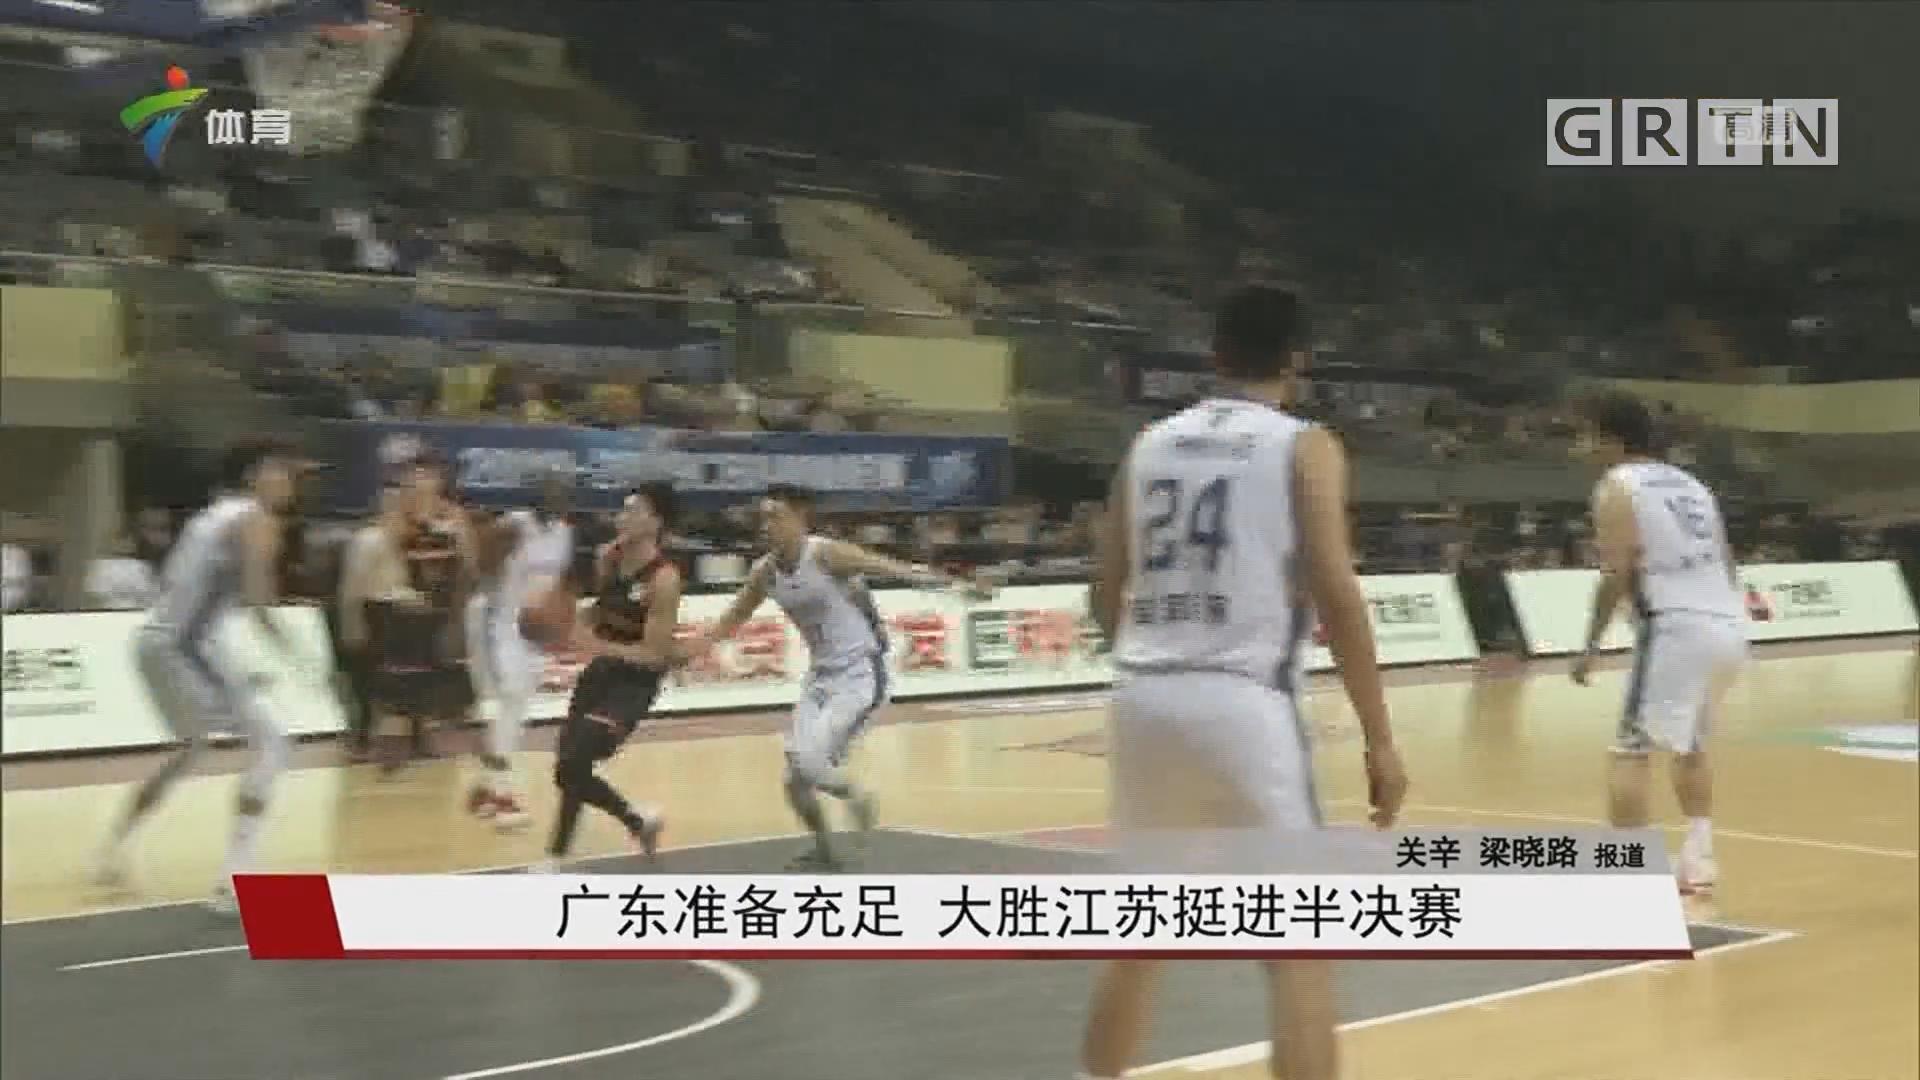 广东准备充足 大胜江苏挺进半决赛